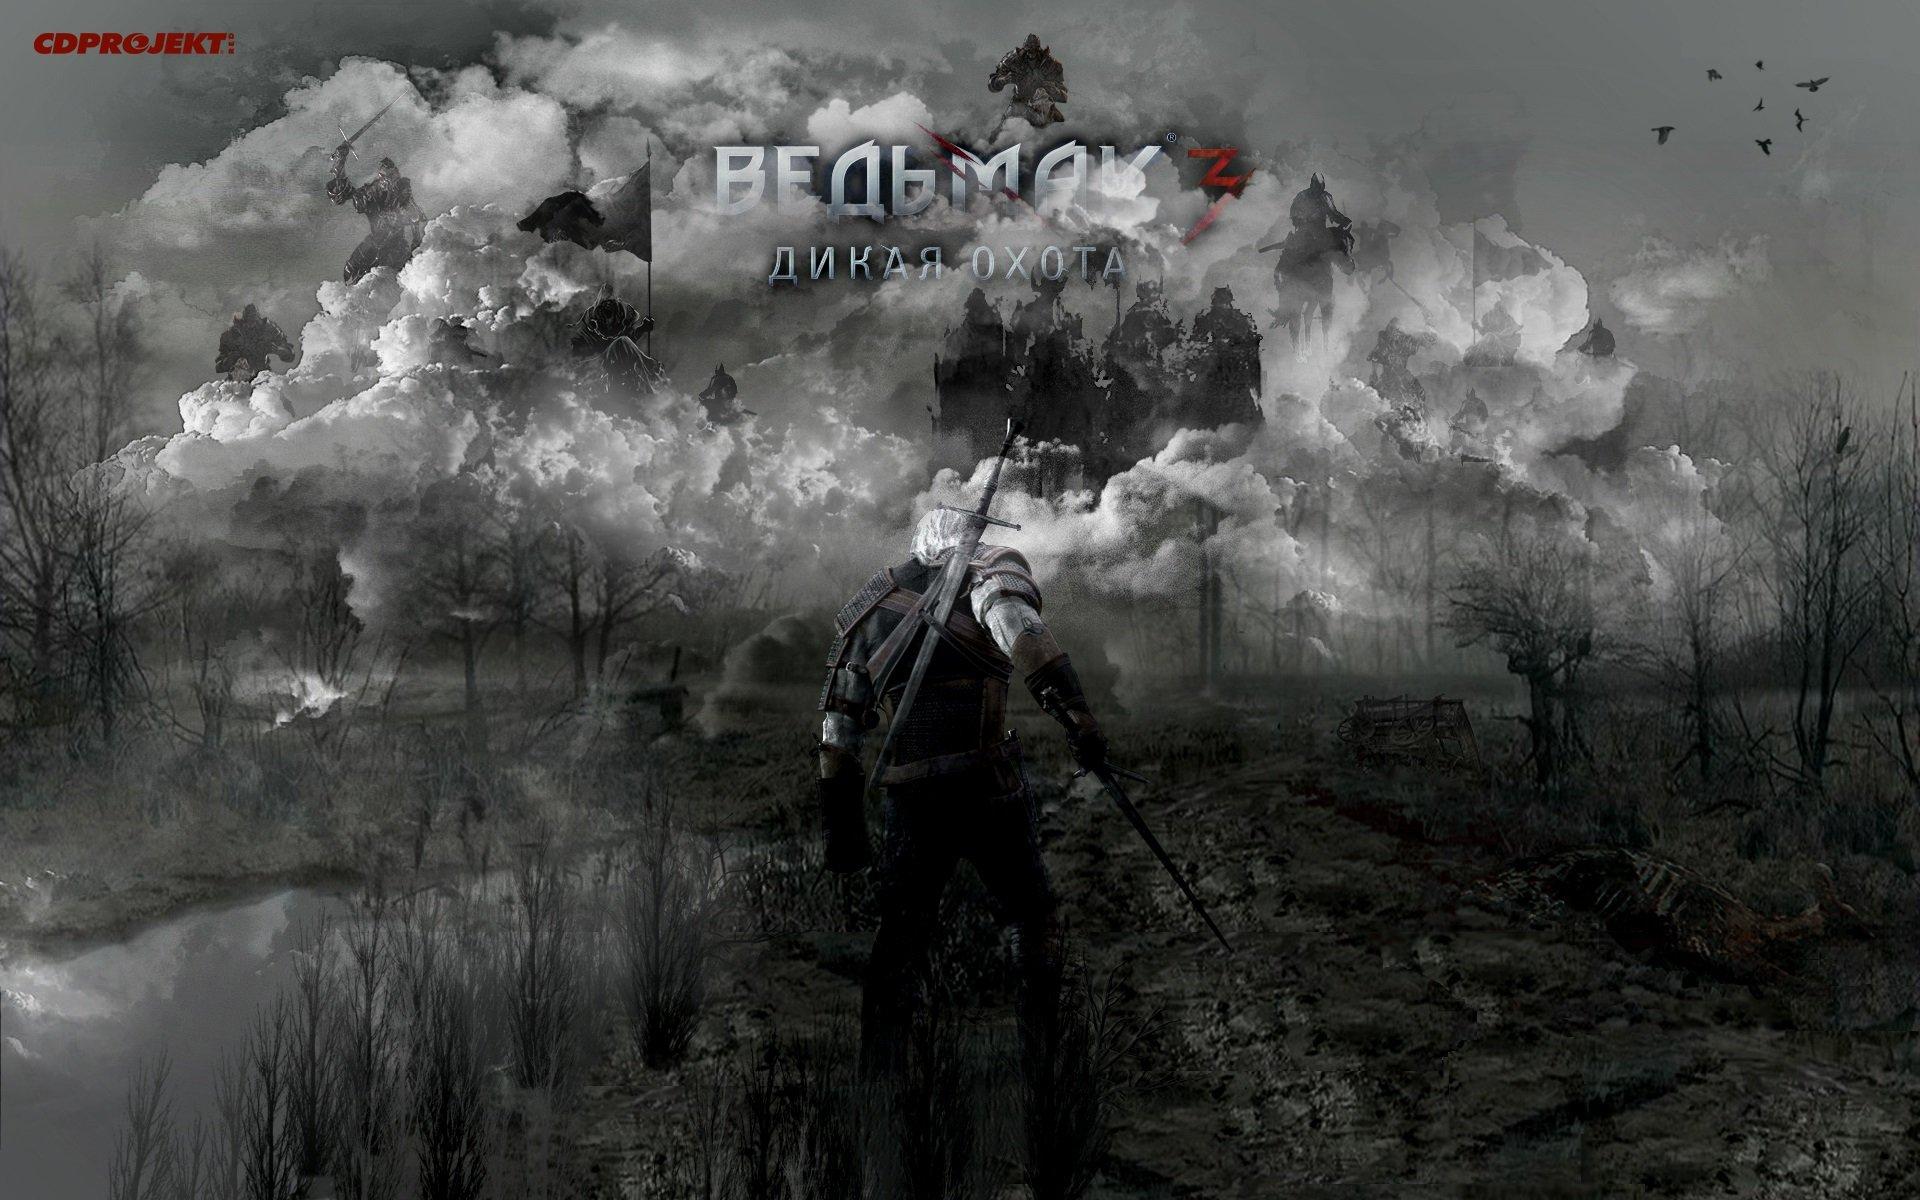 Релиз The Witcher 3: Wild Hunt перенесен на 19 мая 2015 г.   Как многие уже наверняка знают CD PROJEKT RED объявили  .... - Изображение 2